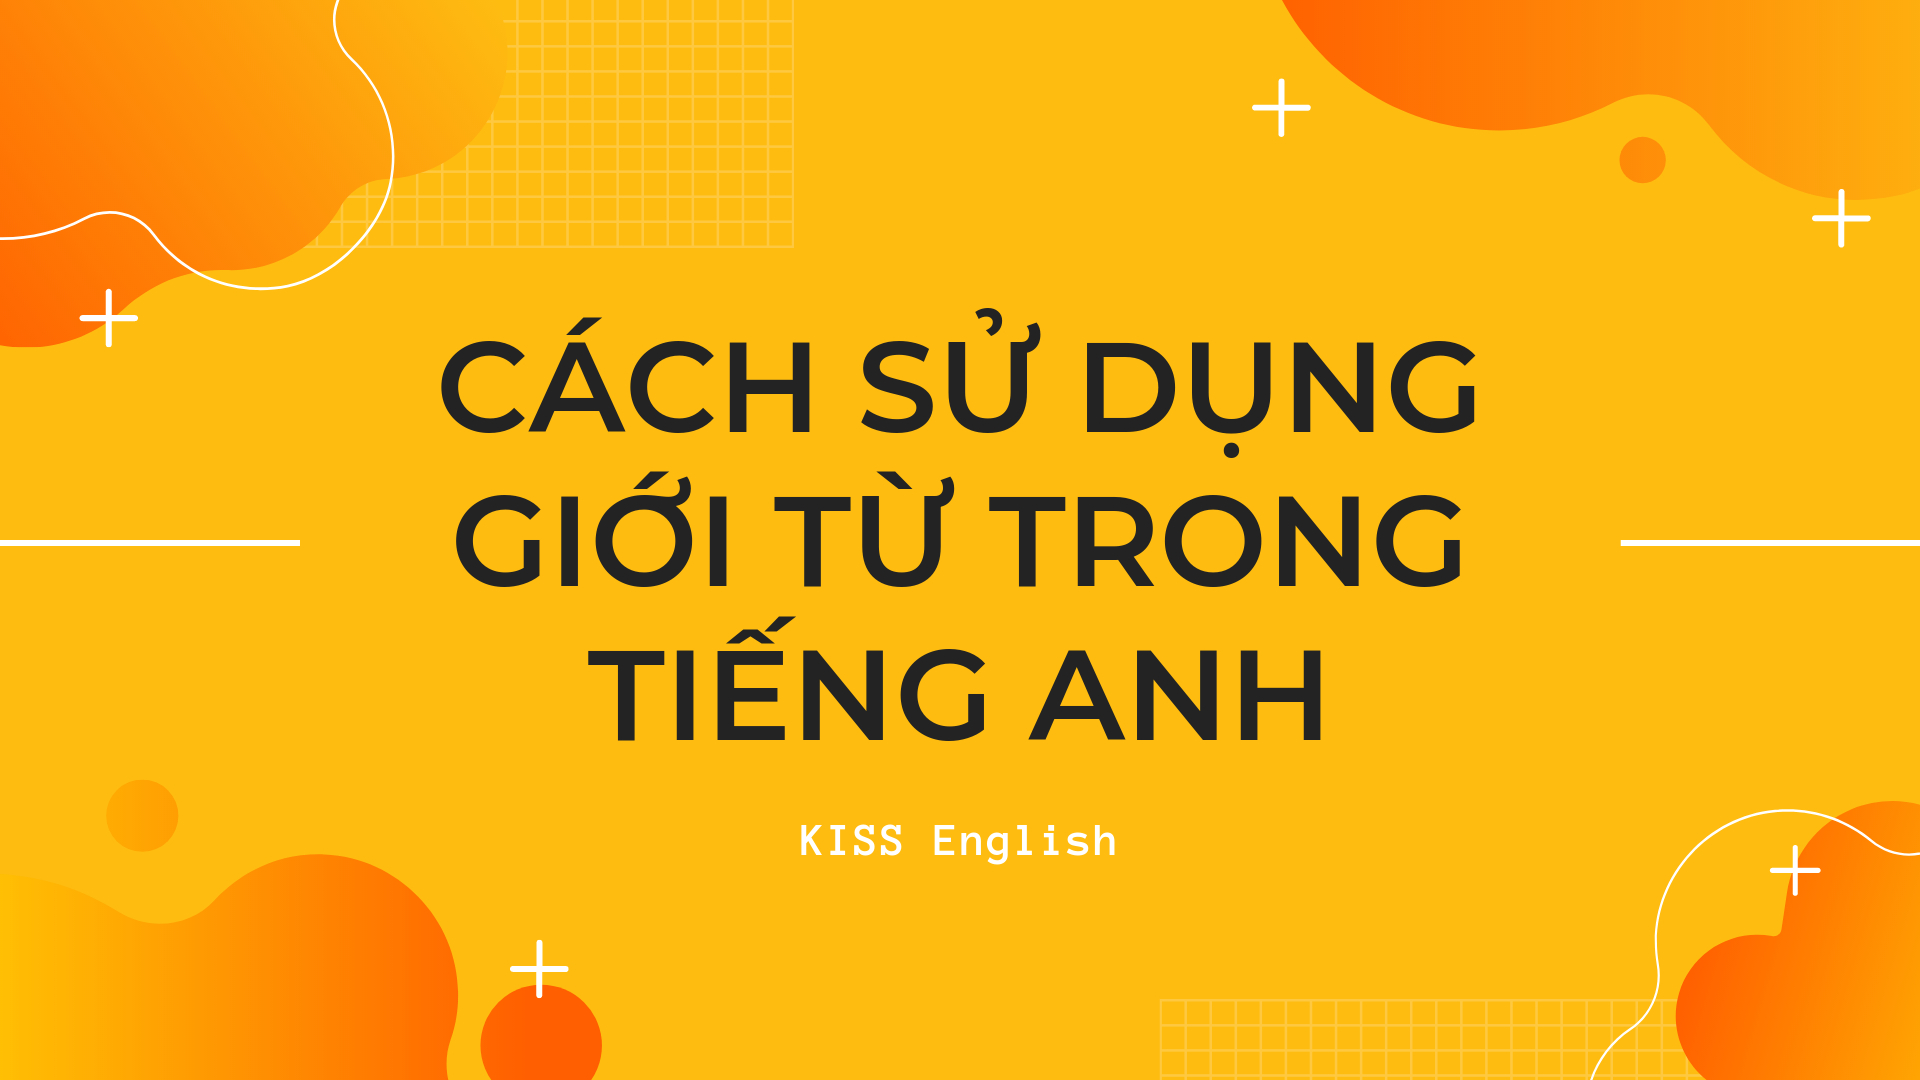 Cách sử dụng giới từ trong tiếng Anh